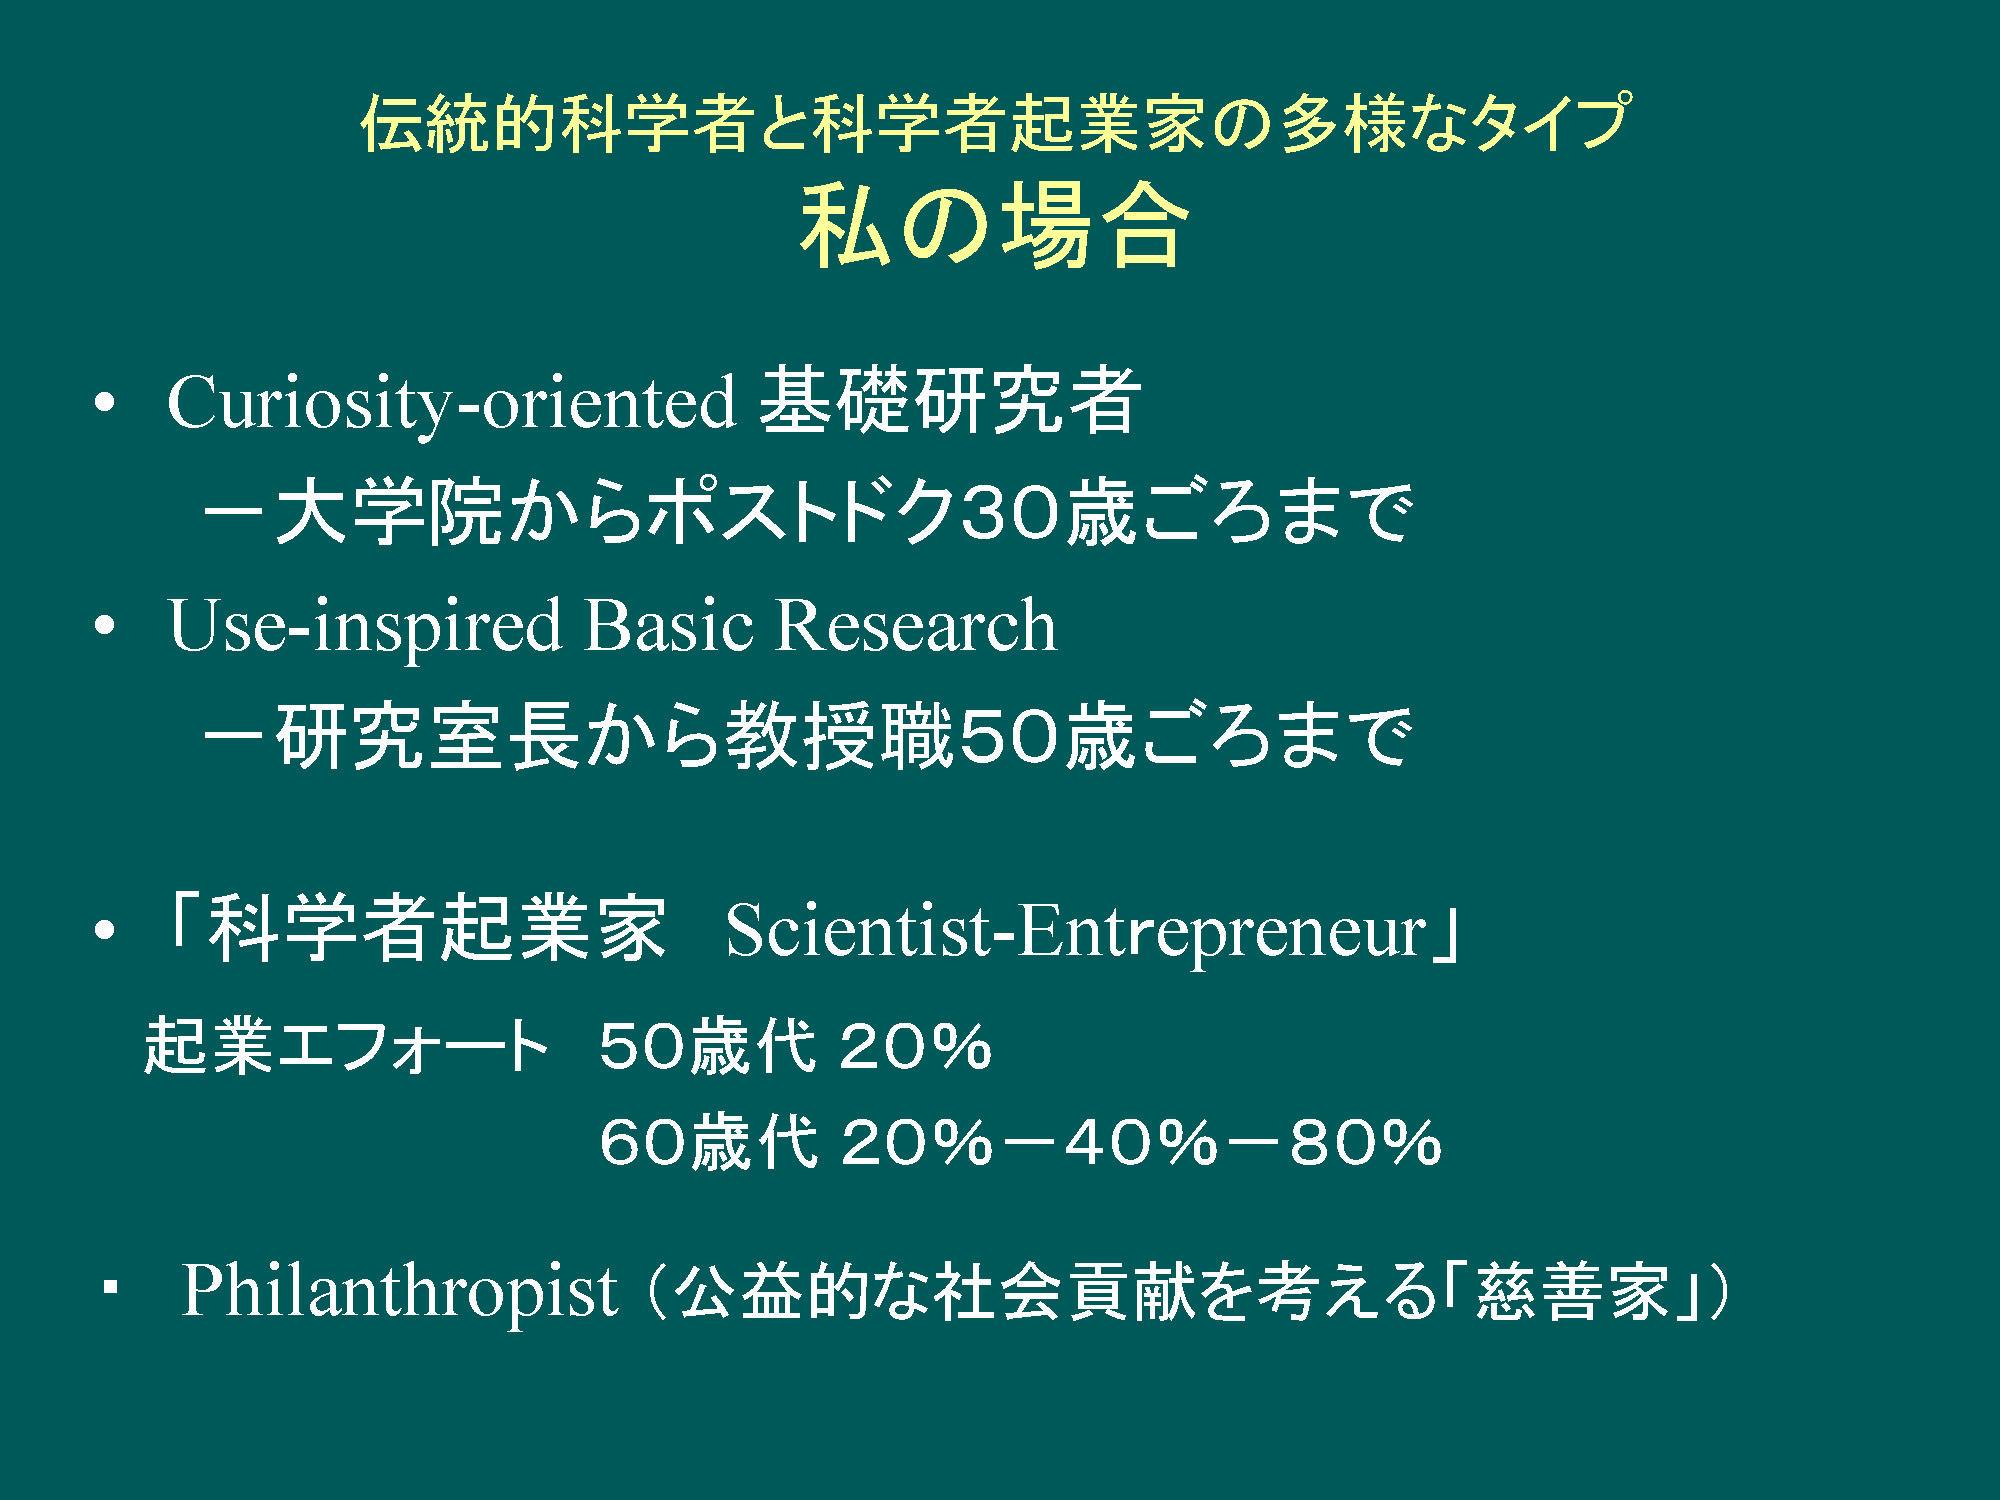 中辻氏講演資料2